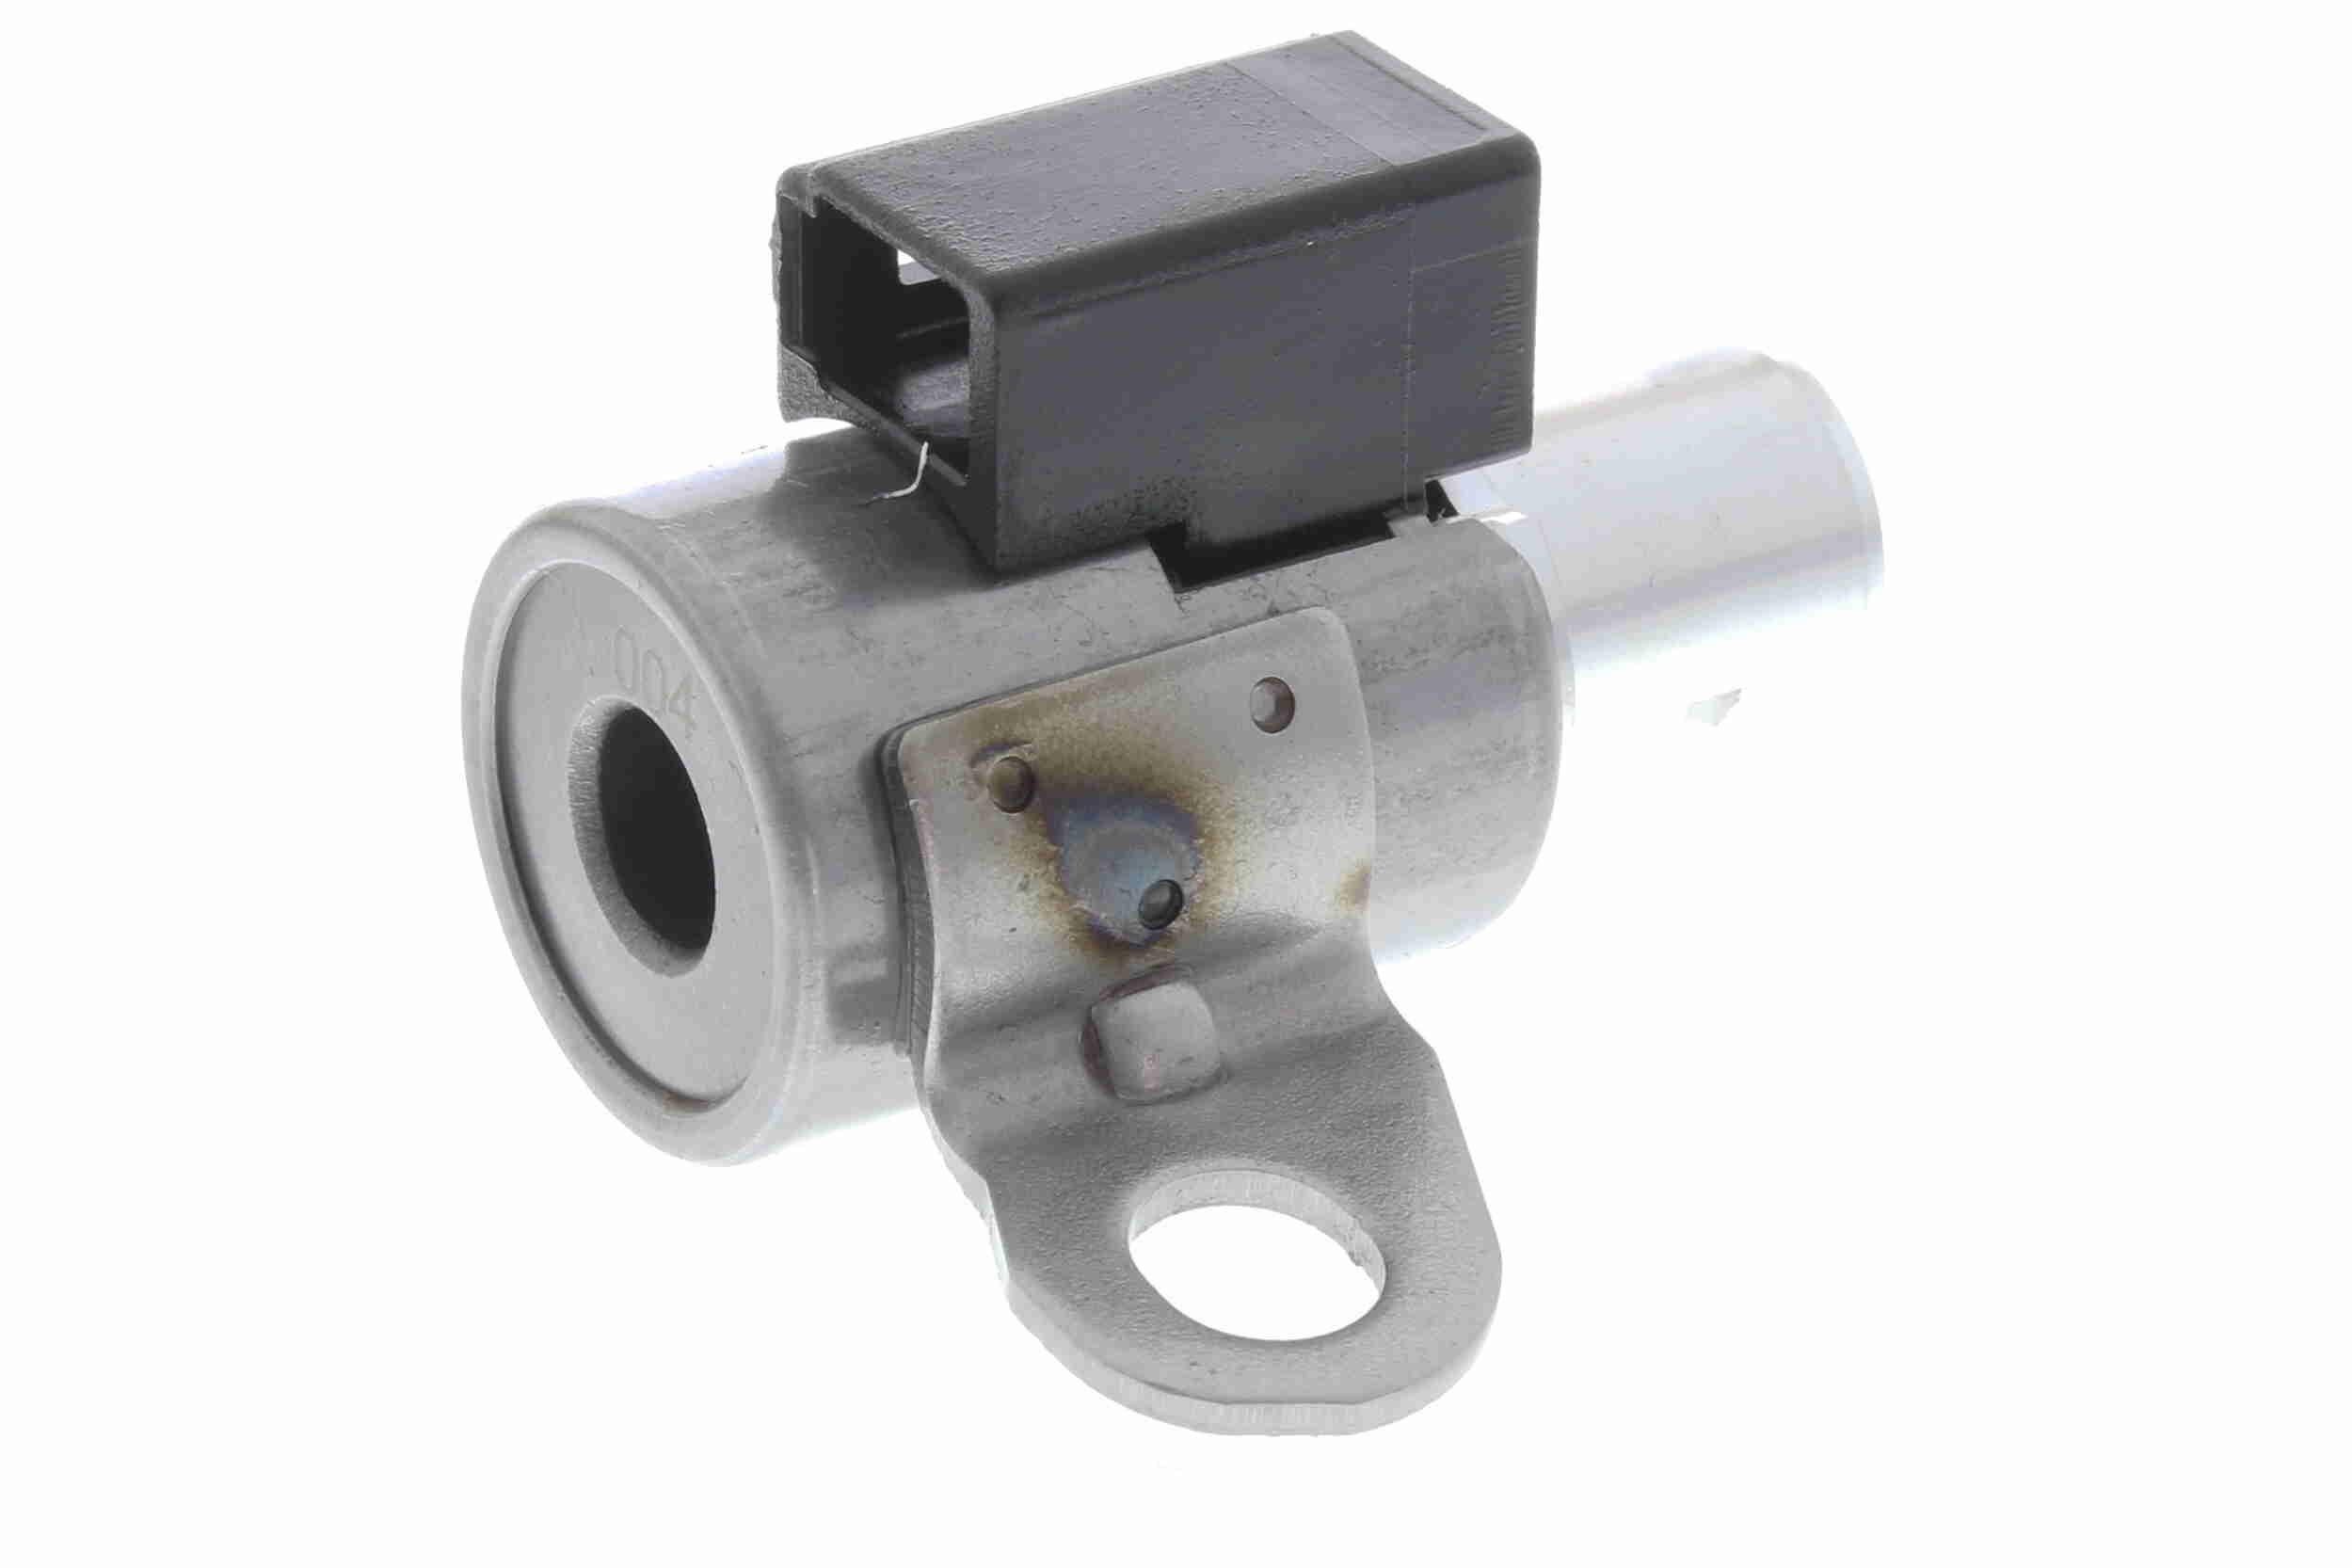 LANCIA KAPPA Schaltventil, Automatikgetriebe - Original VEMO V42-77-0016